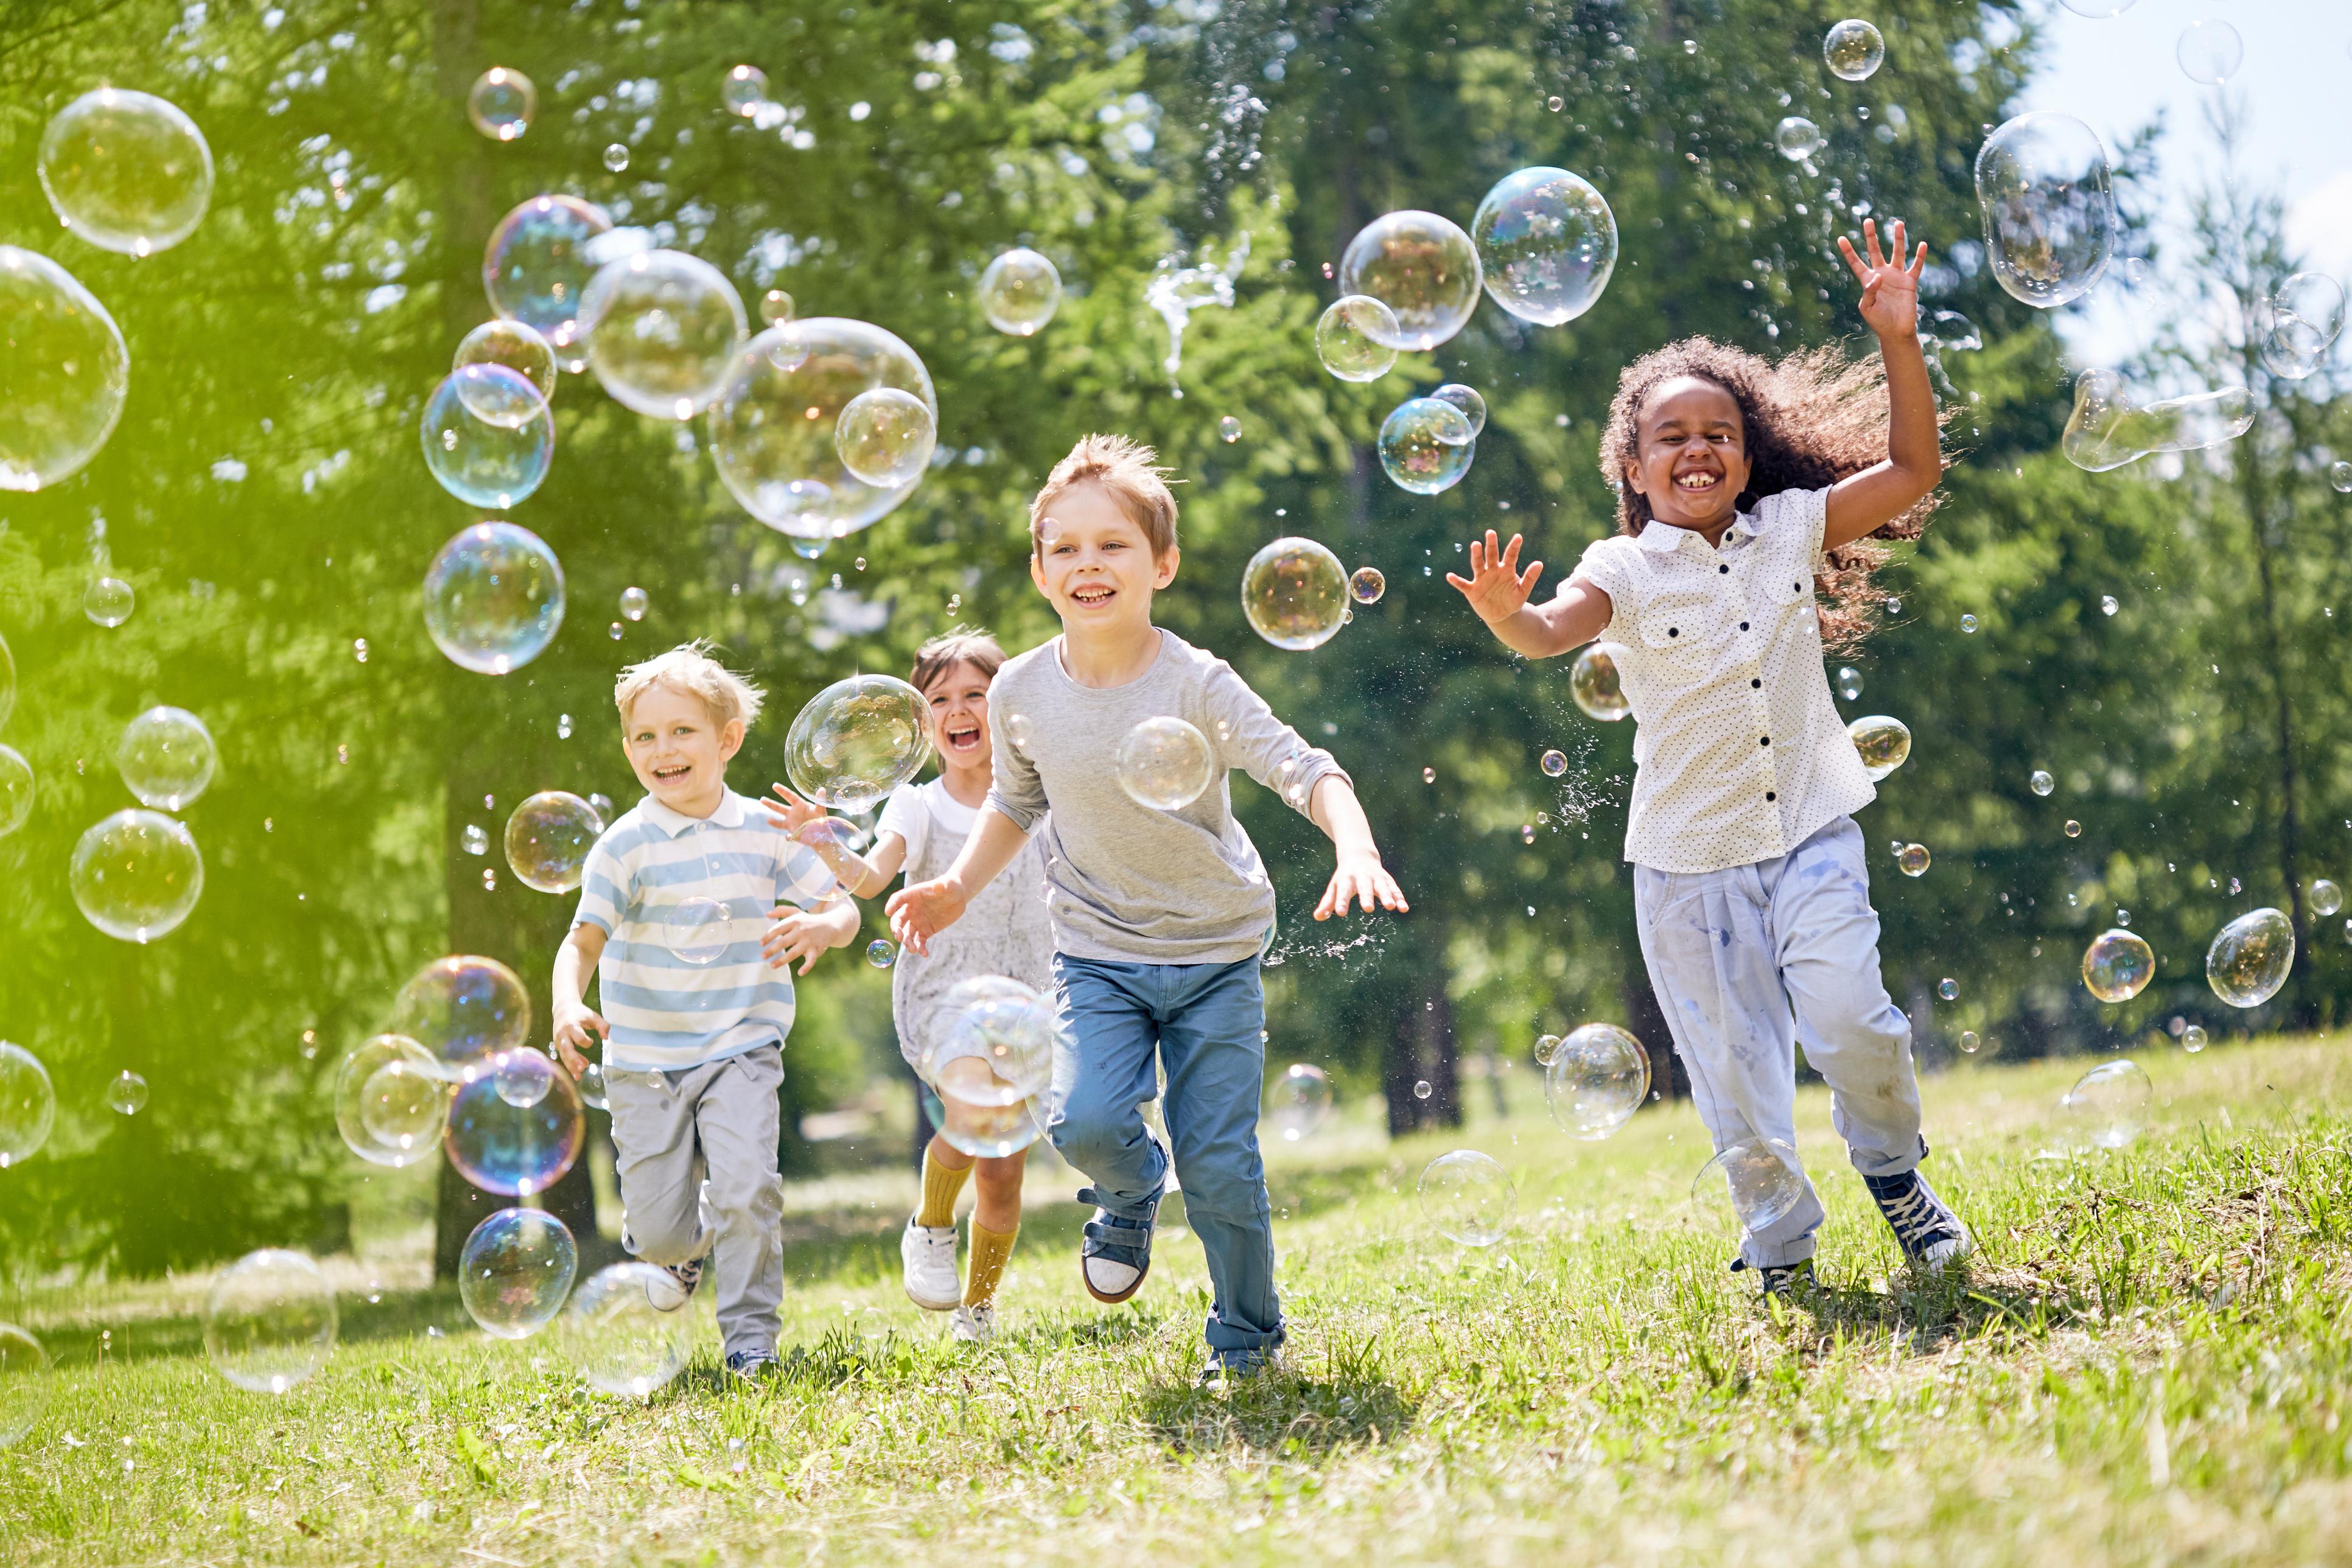 אילו אטרקציות לילדים במרכז בשבת יש?